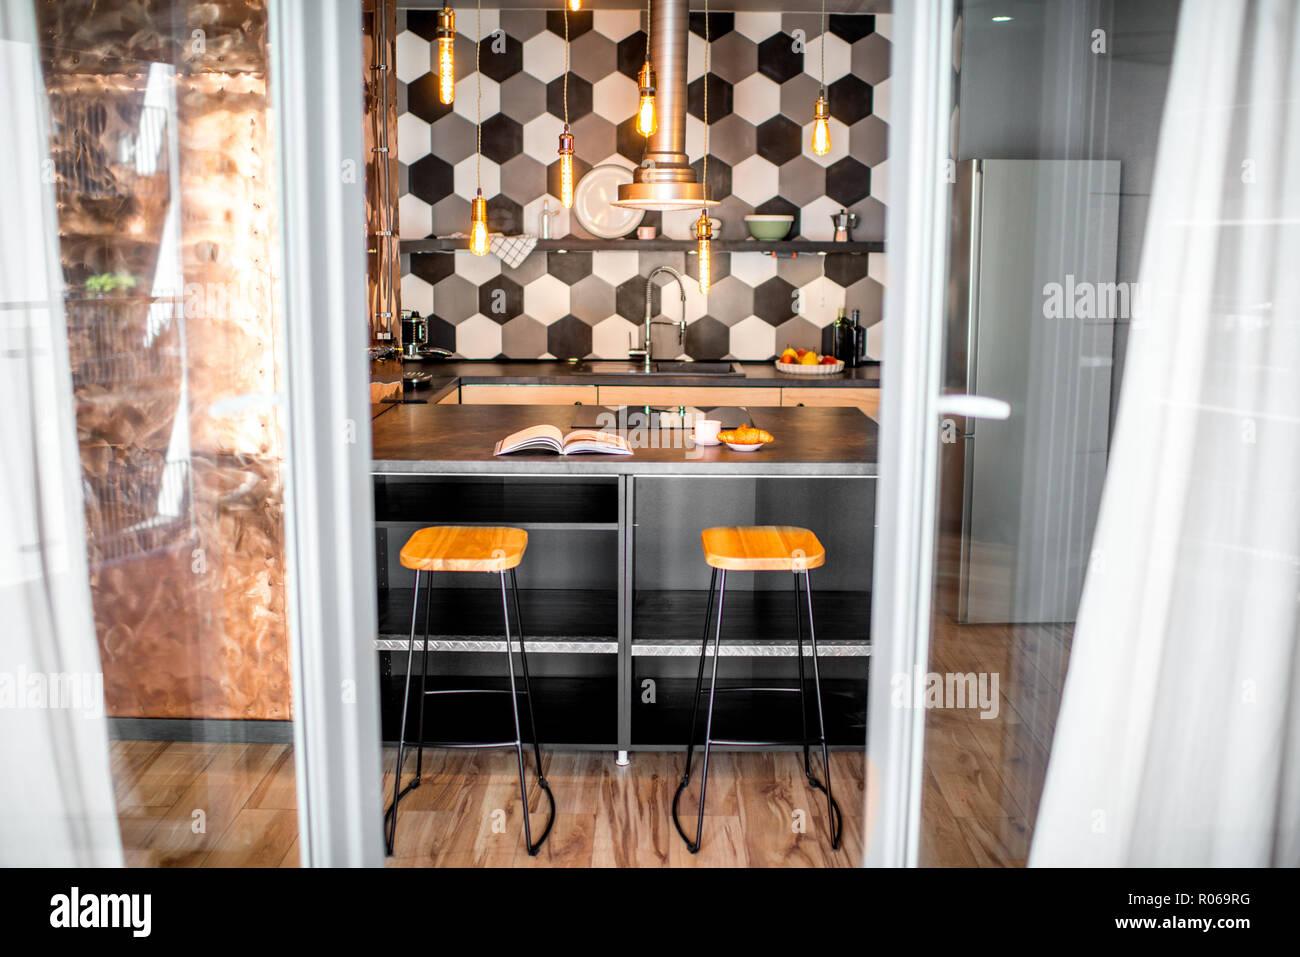 Cuisine Intérieur Loft Hexagonal Avec Carrelage Noir Et Blanc Et Mur De  Cuivre